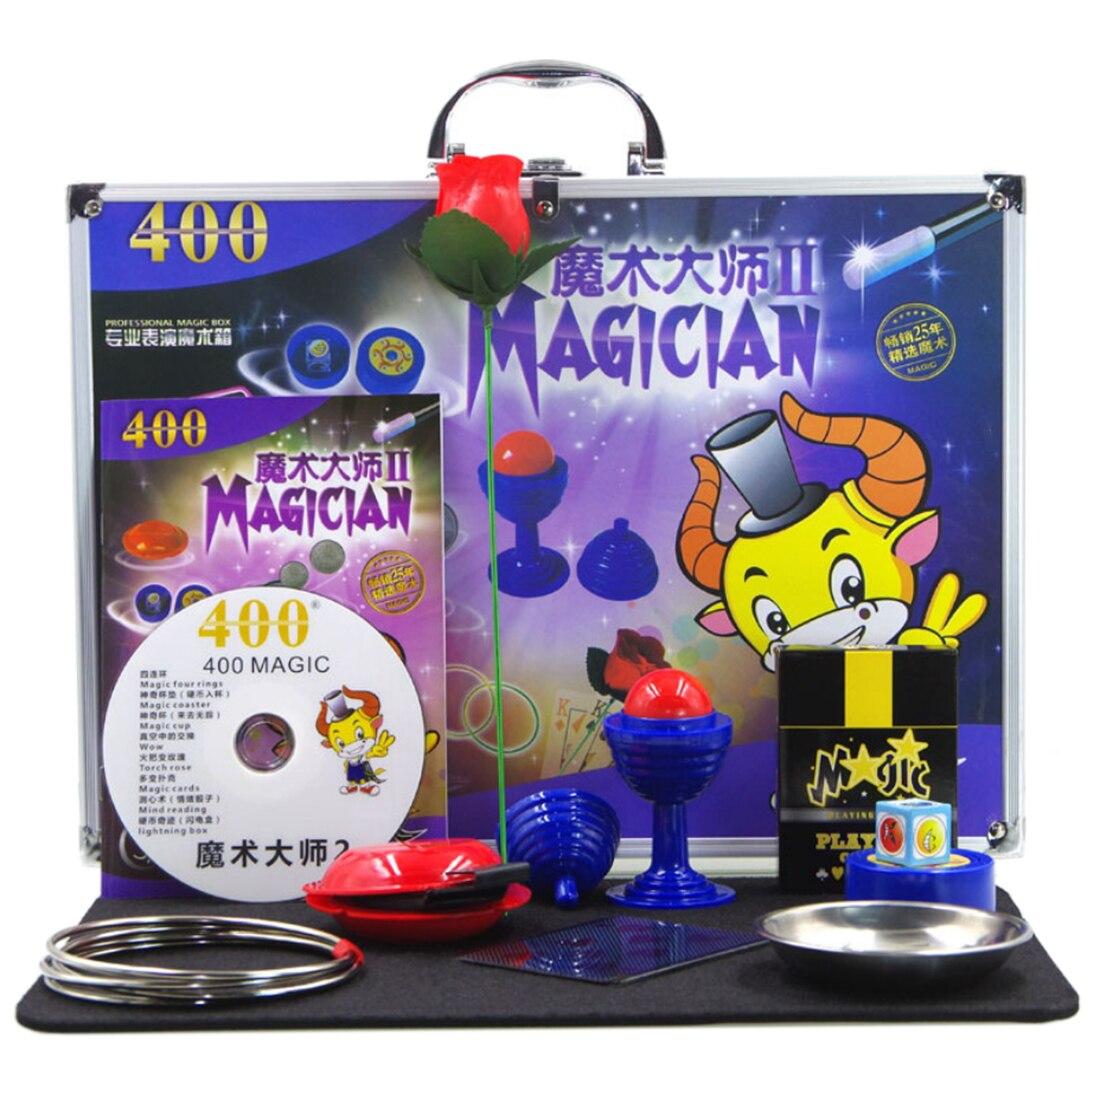 Jouet éducatif chaud de boîte-cadeau magique d'alliage d'aluminium réglé avec divers accessoires boîte-cadeau de jouet magique de gros plan des enfants pour des enfants